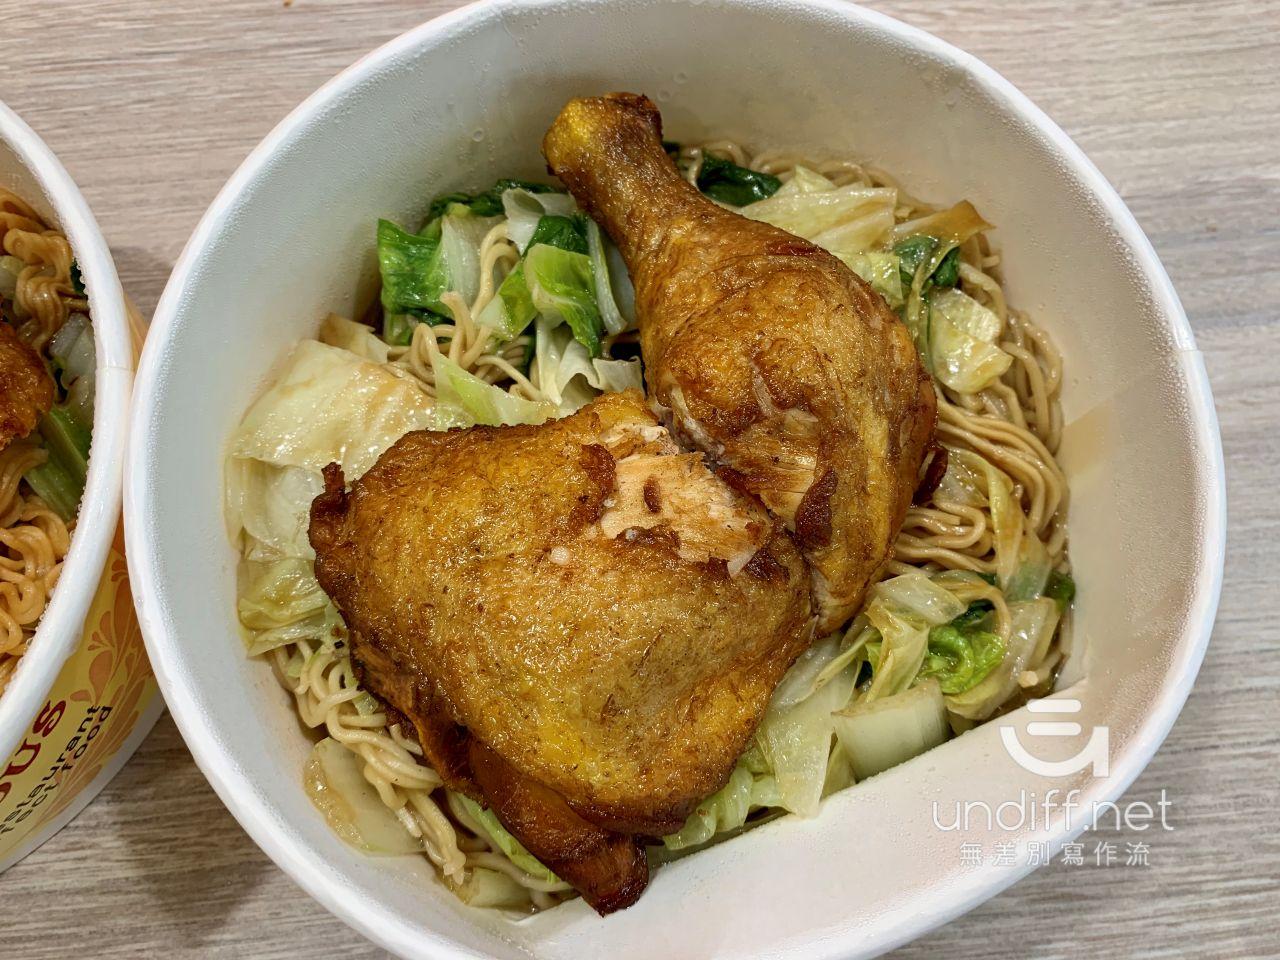 【內湖 訂便當日記】日嚐 Taste&Enjoy 南洋風味料理 48